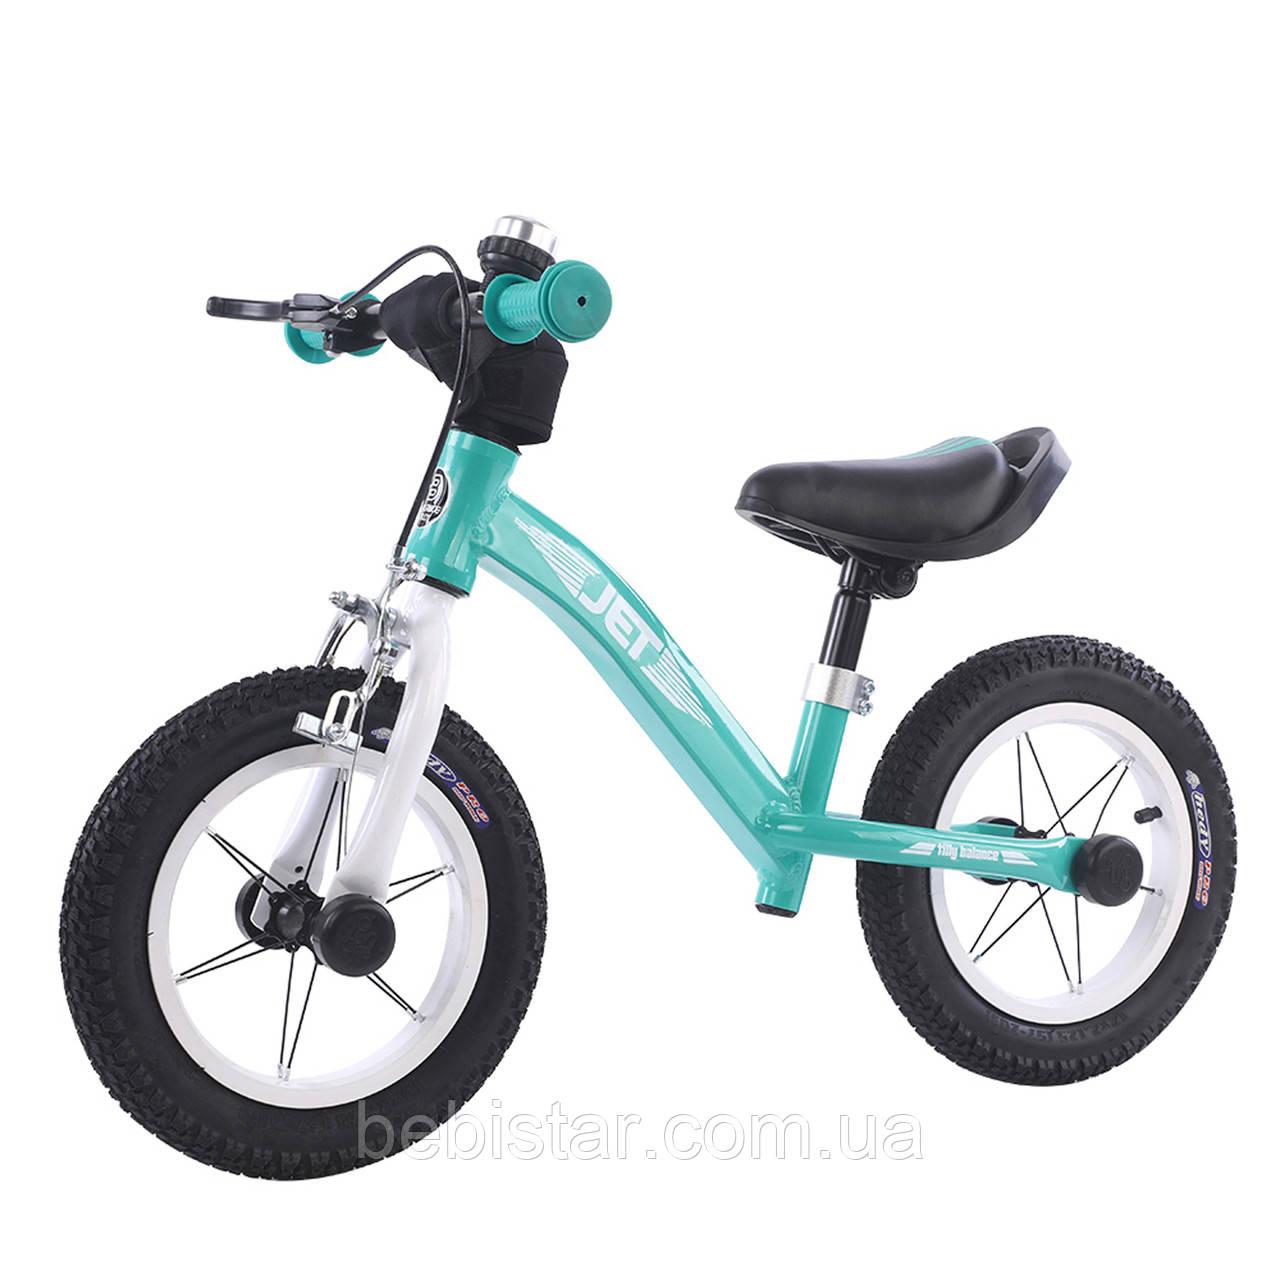 Беговел велобег алюминиевый бирюзовый Tilli Jet надувные колеса ручной тормоз звонок для детей от 2-х до 5 лет